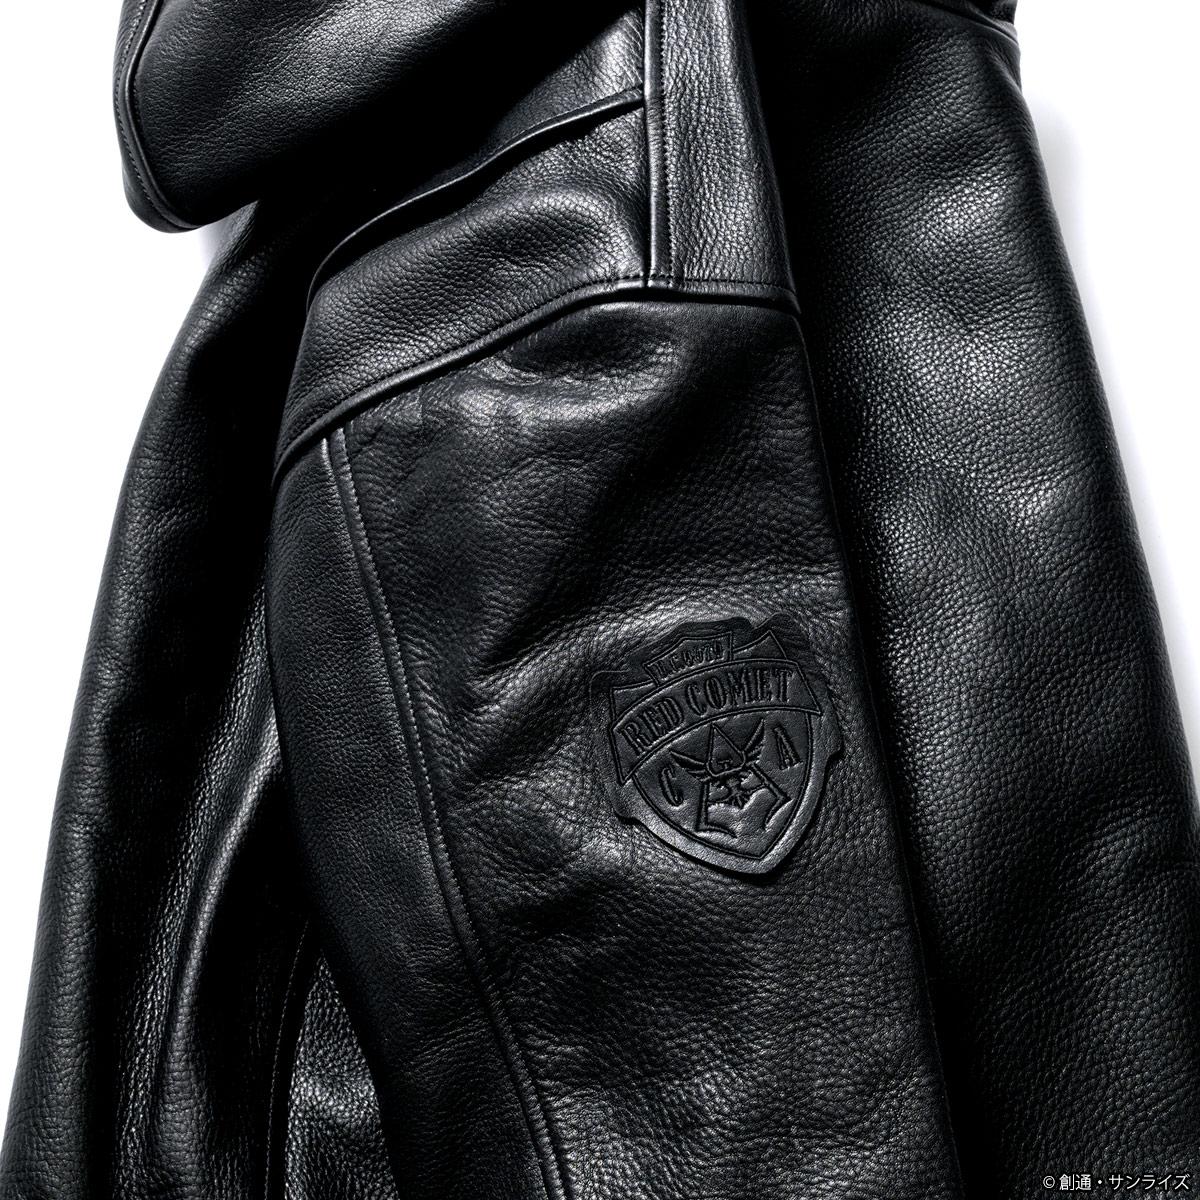 STRICT-G SEVESKIG 『機動戦士ガンダム』フーディライダースジャケット シャアモデル